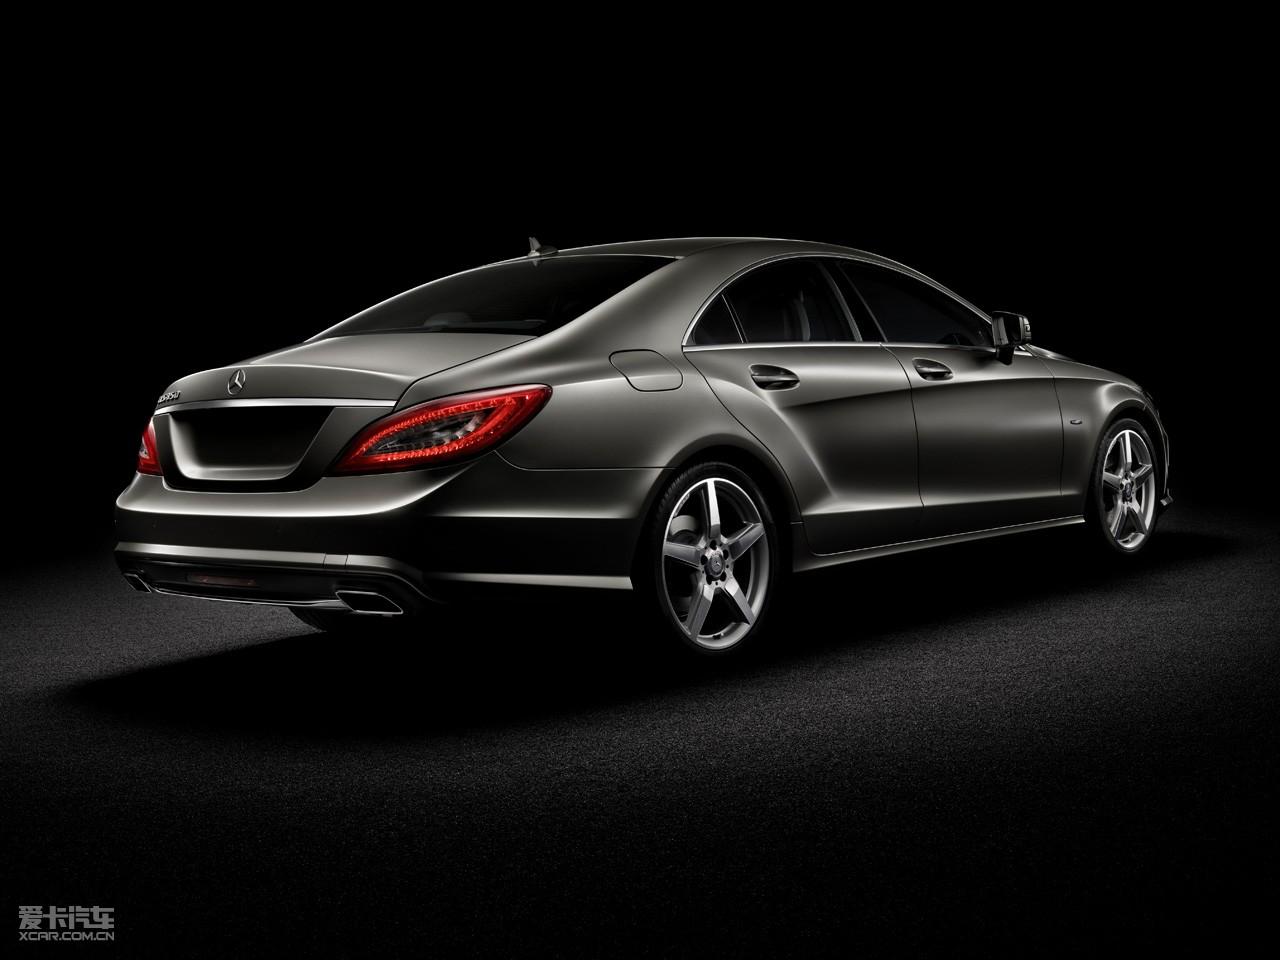 奔驰2012款cls 汽车设计图图片高清图片